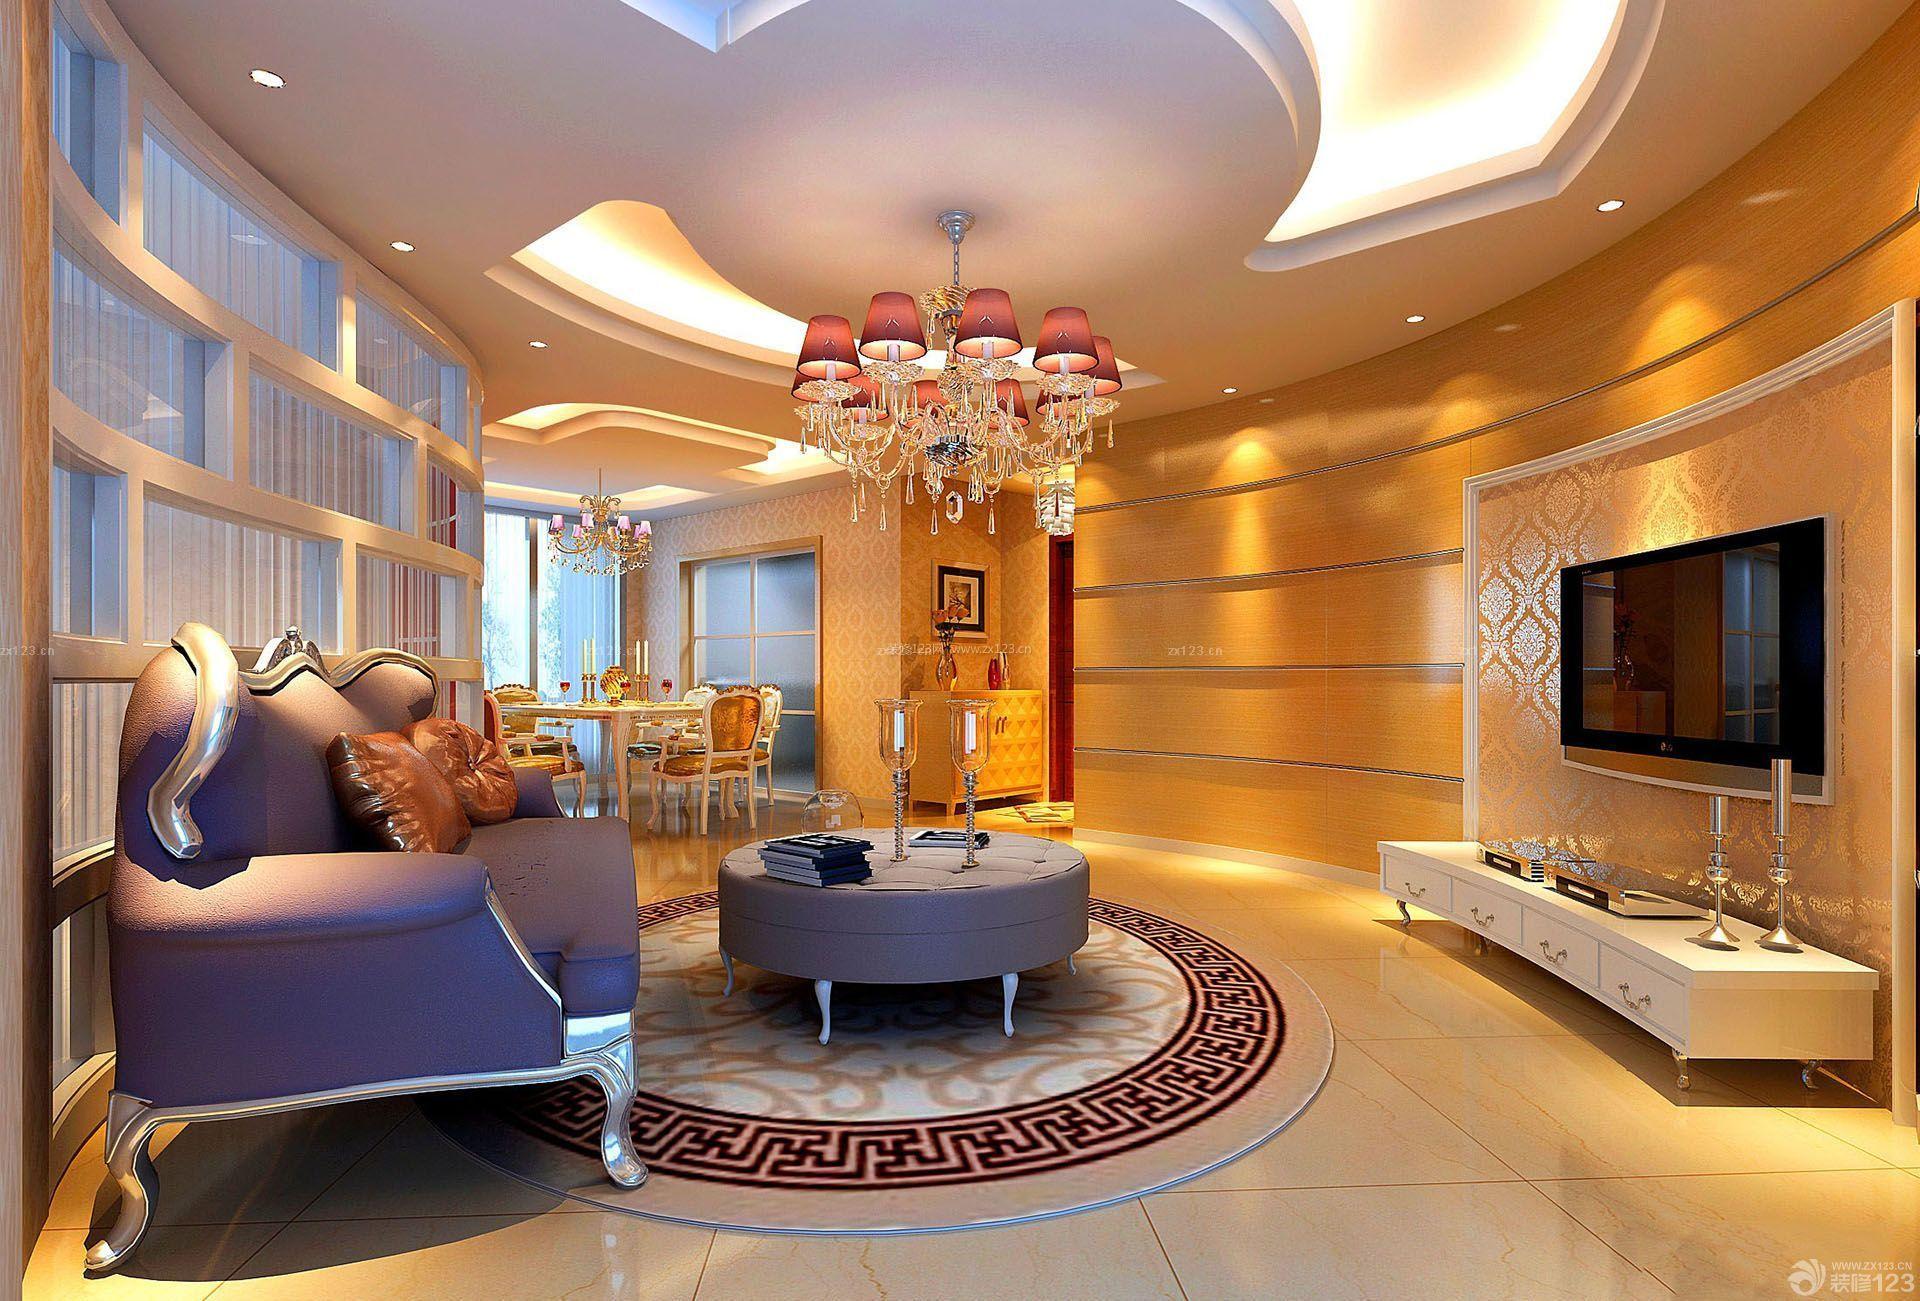 欧美风格室内装�_欧美风格不规则客厅房子装修图片大全_装修1